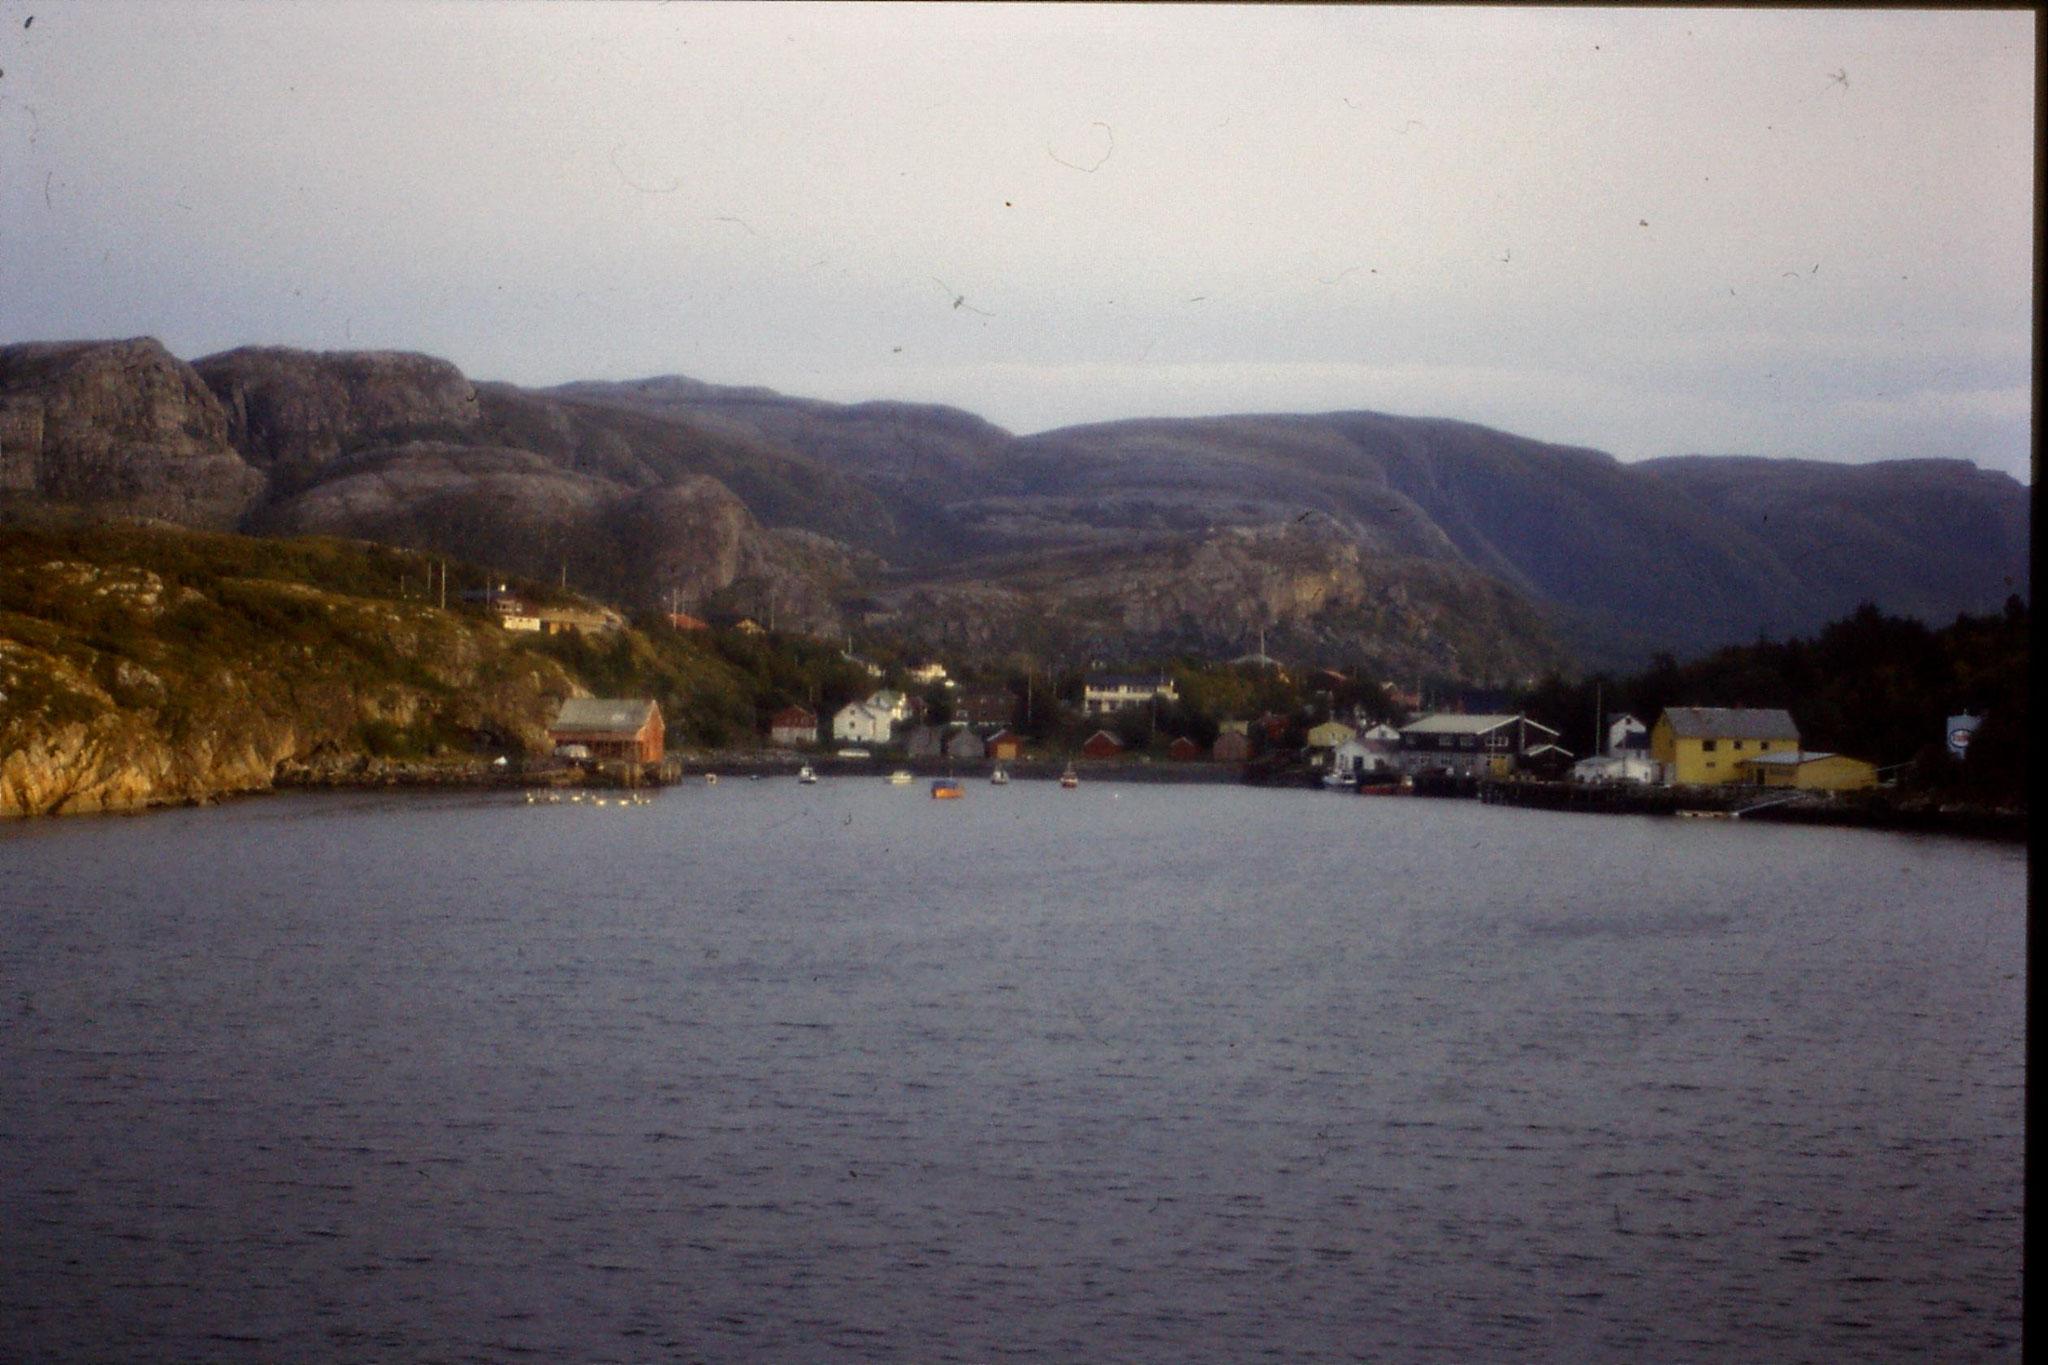 23/9/1988: 19: north of Stoksund